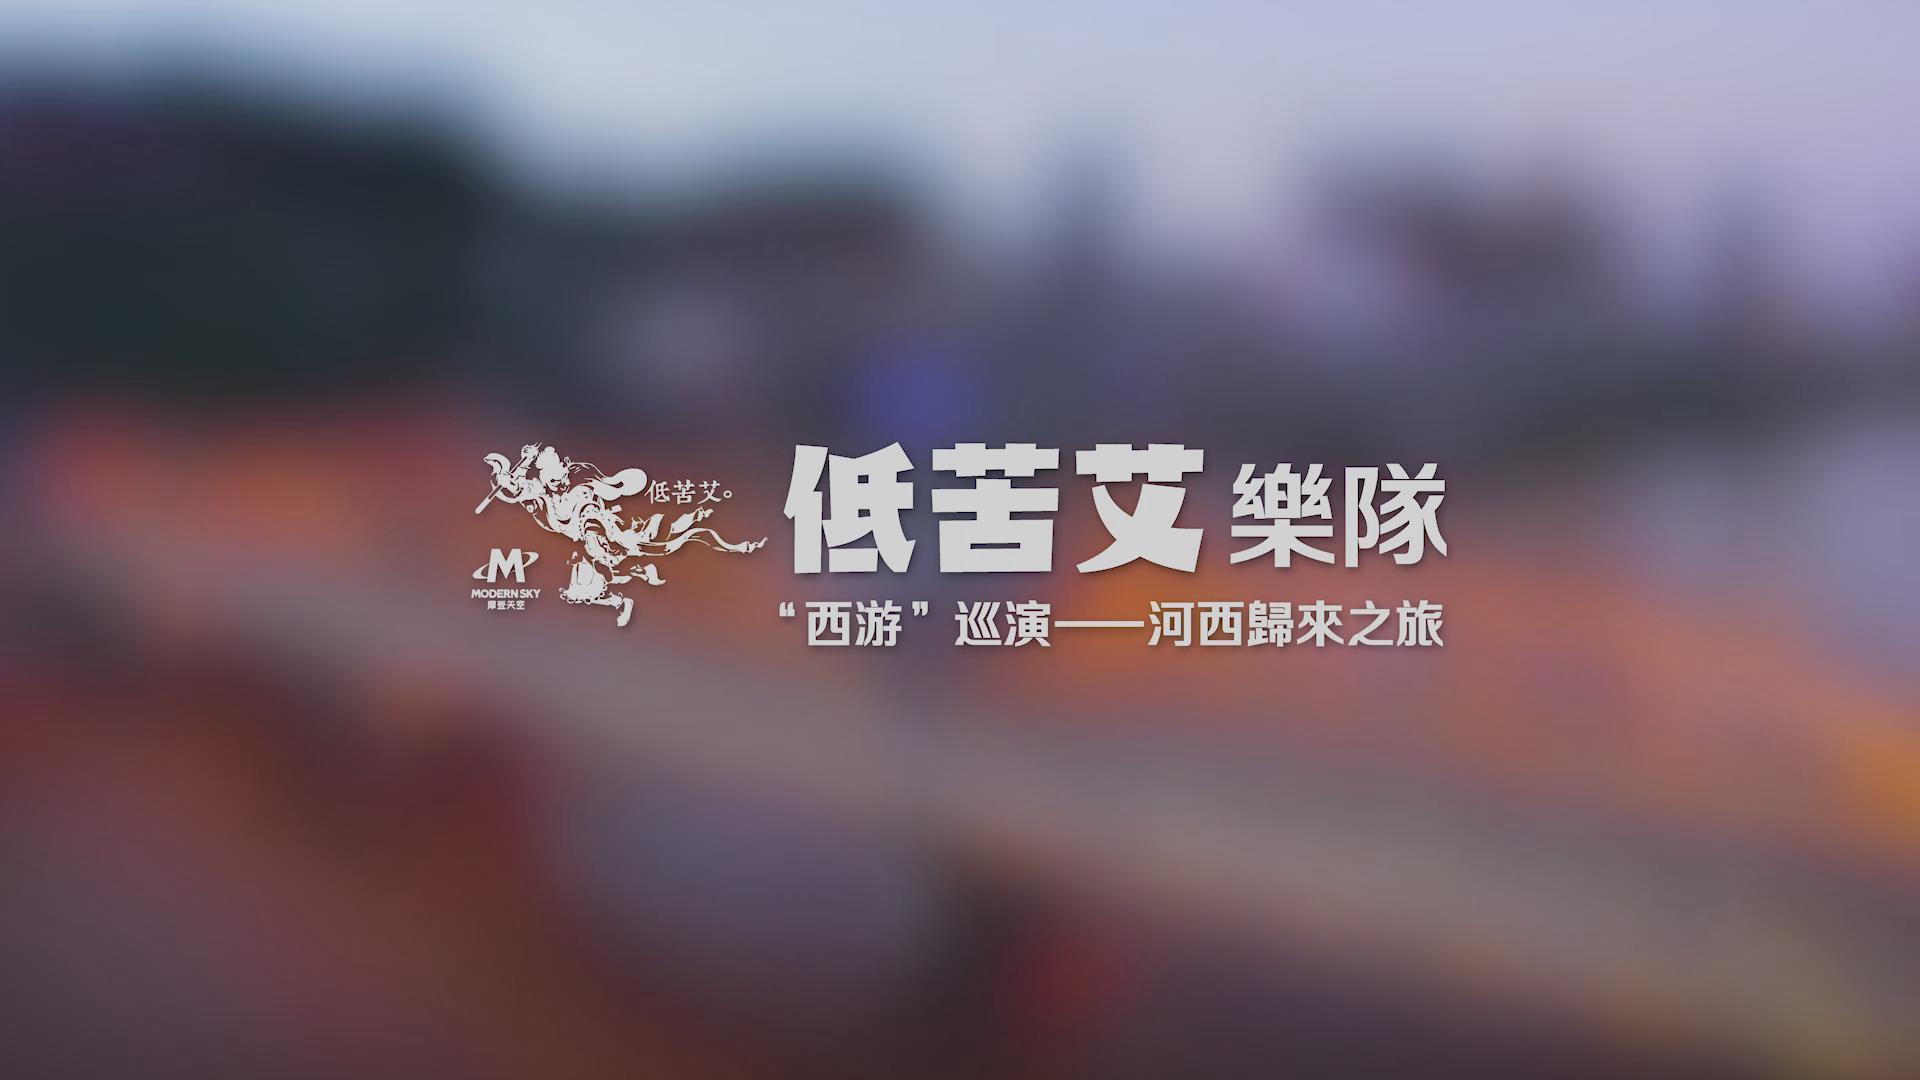 周至宣傳片案例-低苦艾樂隊西游巡演紀錄片